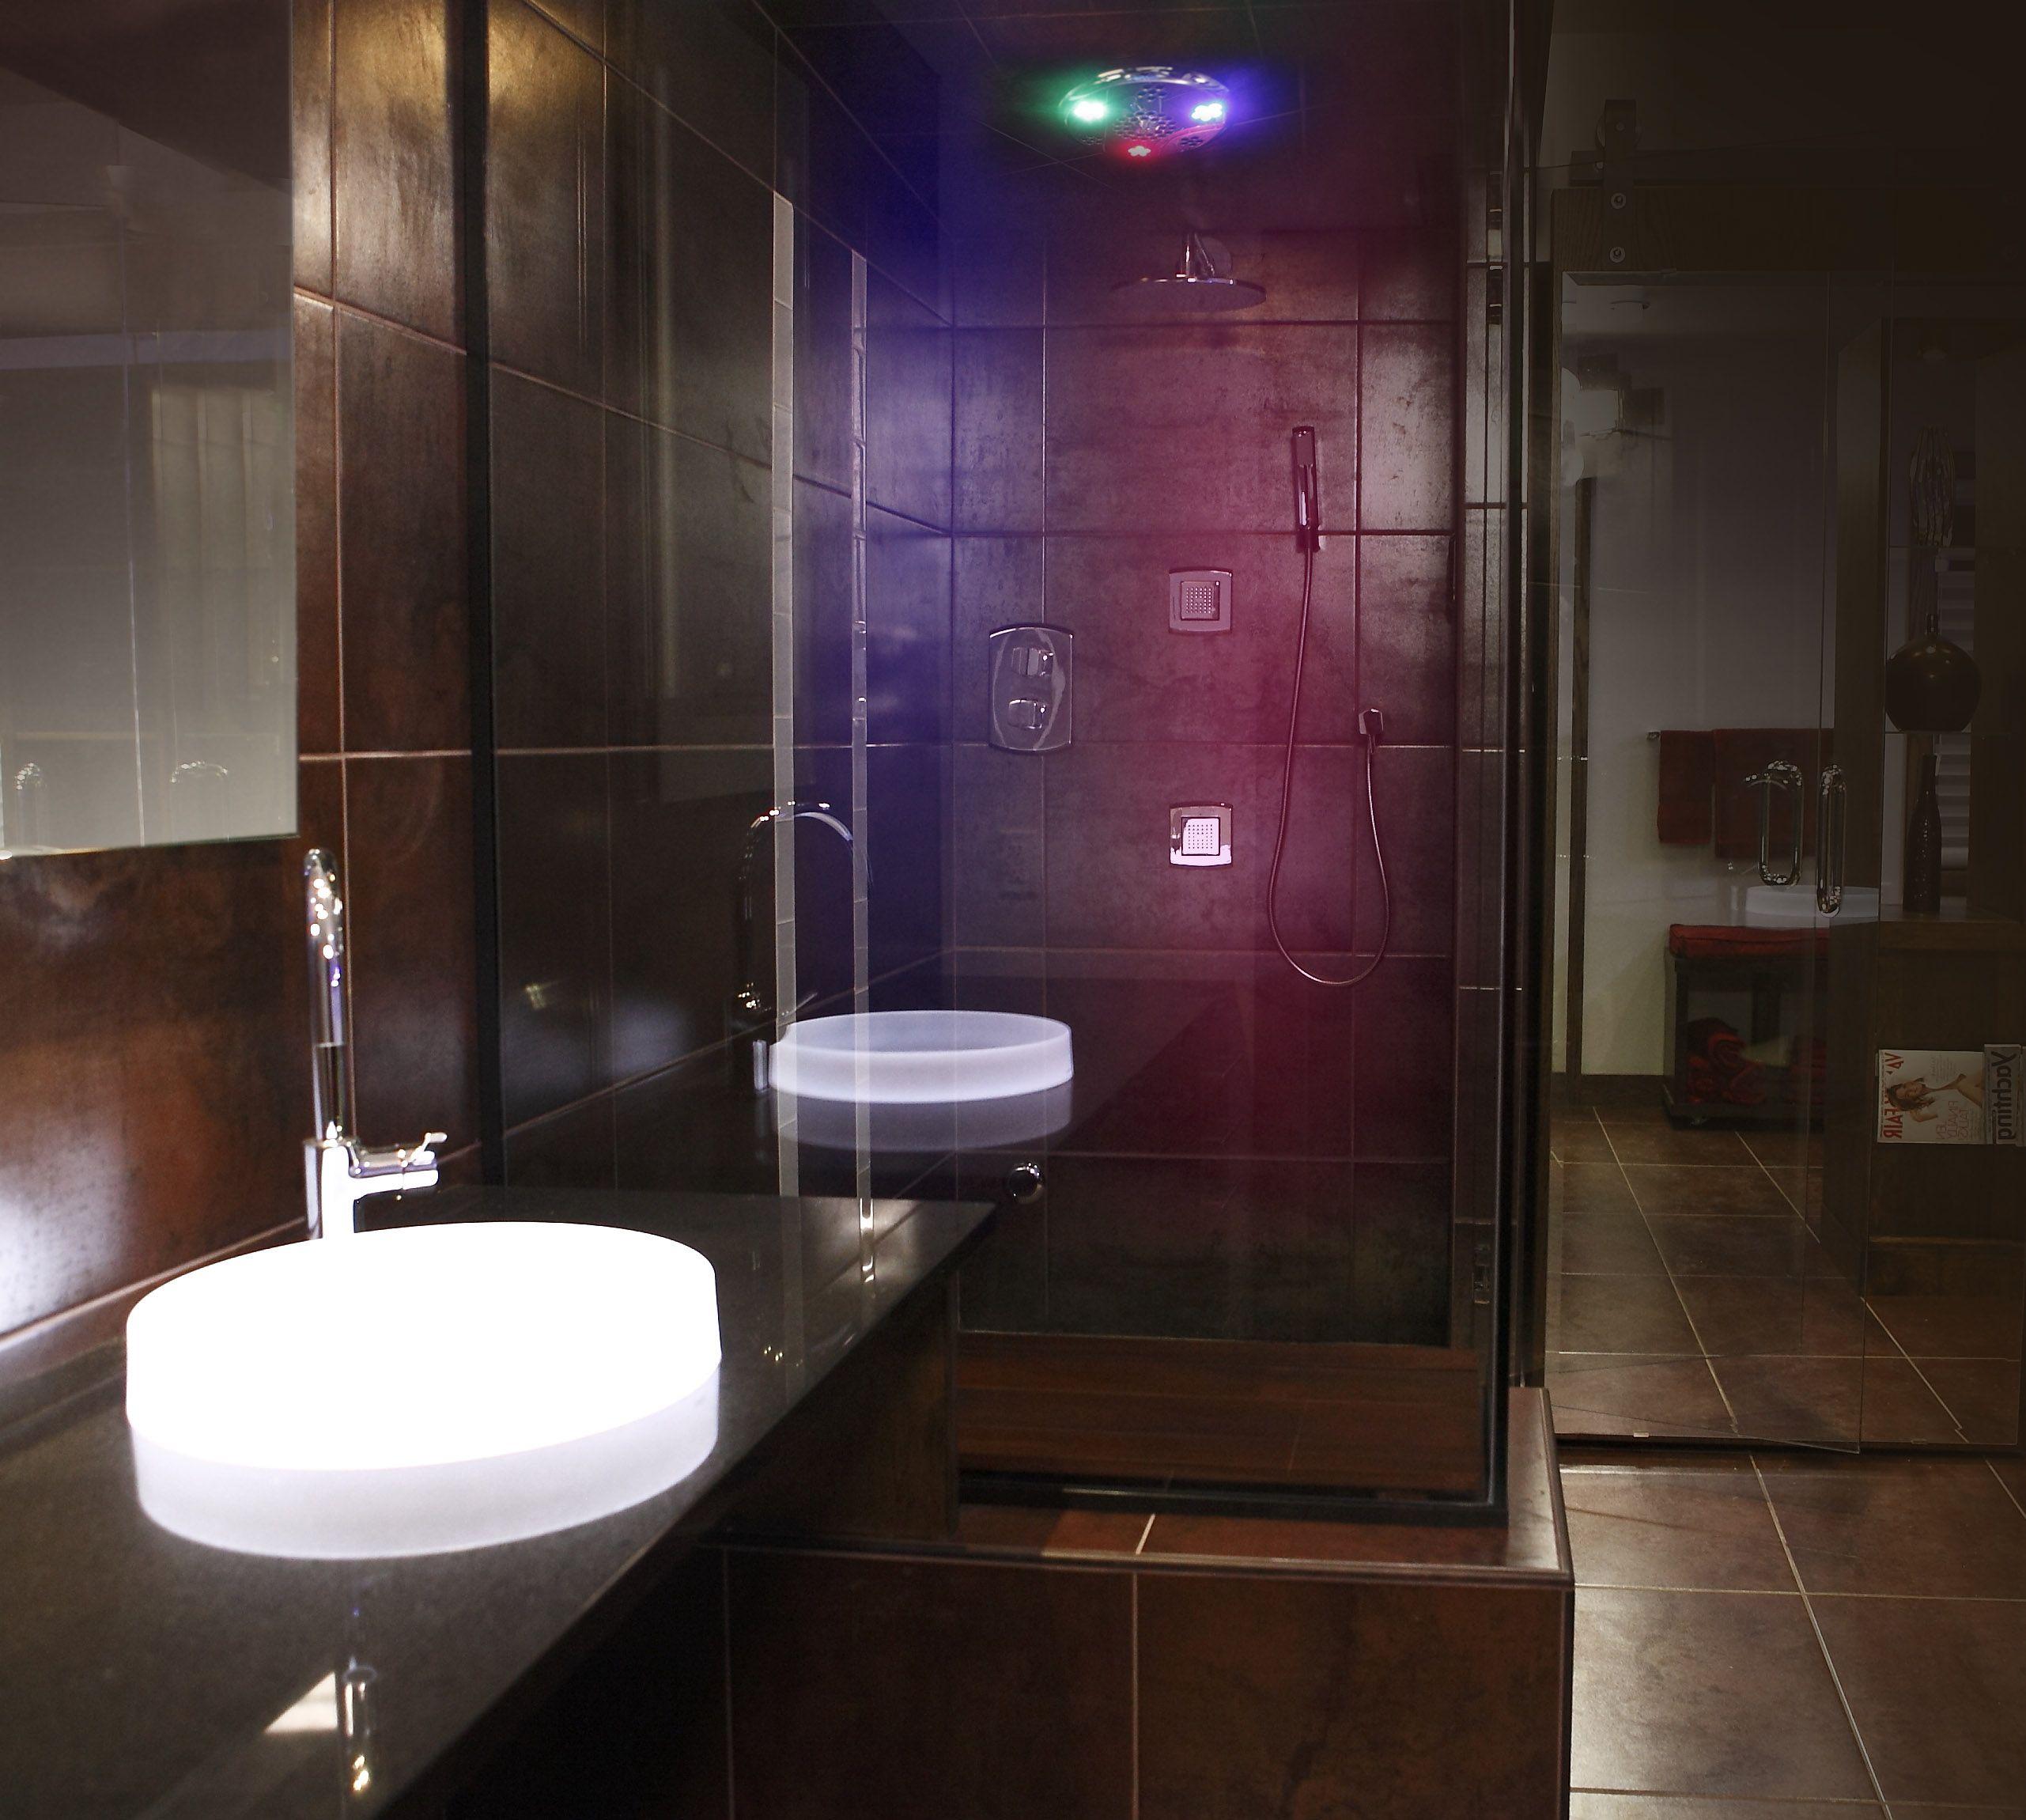 Pin By Farrey's Lighting & Bath On Bathroom Decor Ideas